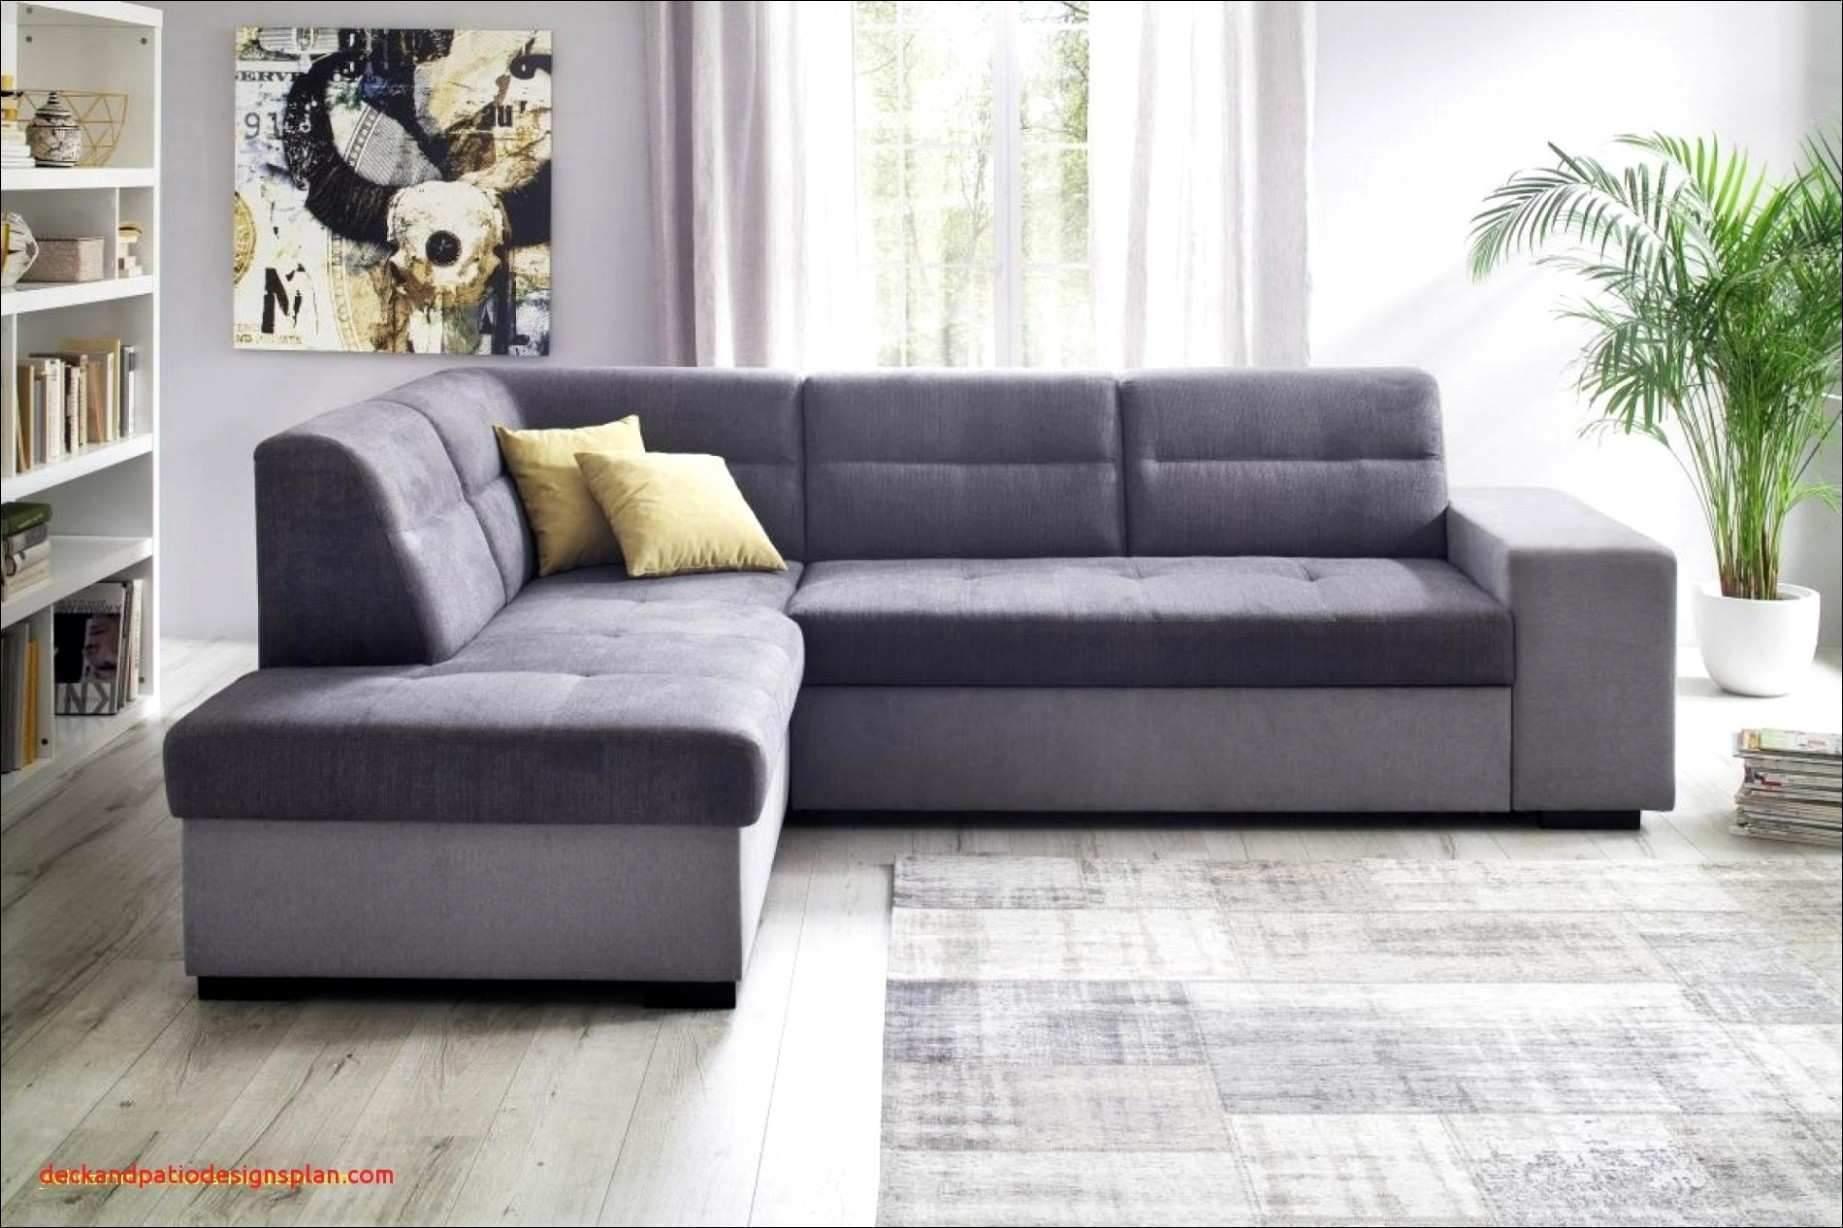 dekoideen wohnzimmer selber machen reizend wohnzimmer deko selber machen ideen was solltest du tun of dekoideen wohnzimmer selber machen